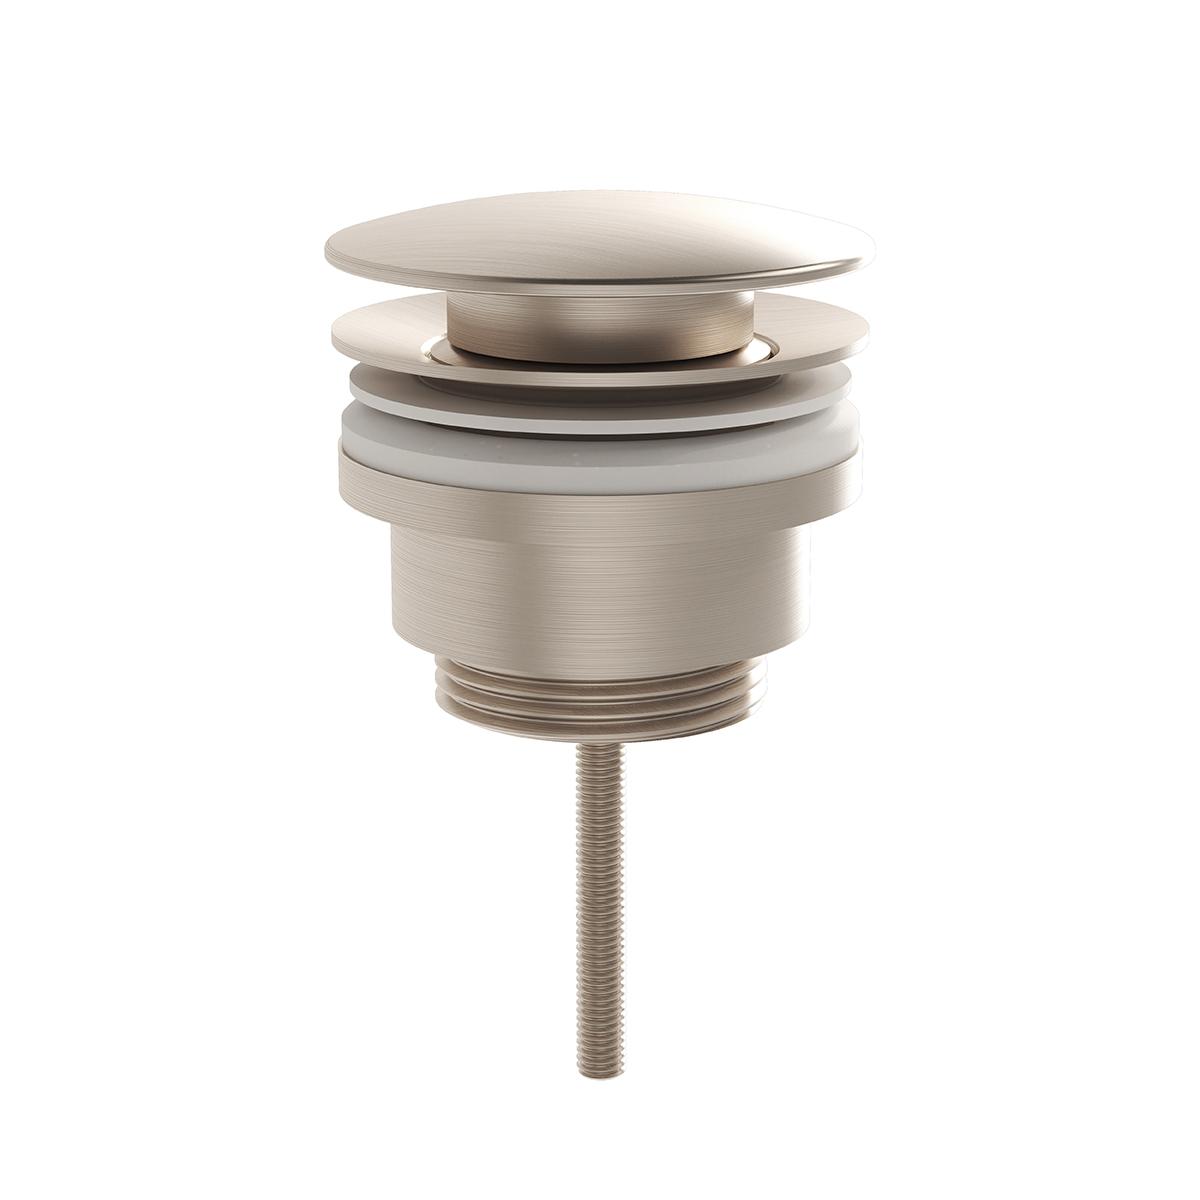 """Schaftventil Metall runde Form G 1 1/4"""", Nickel gebürstet"""